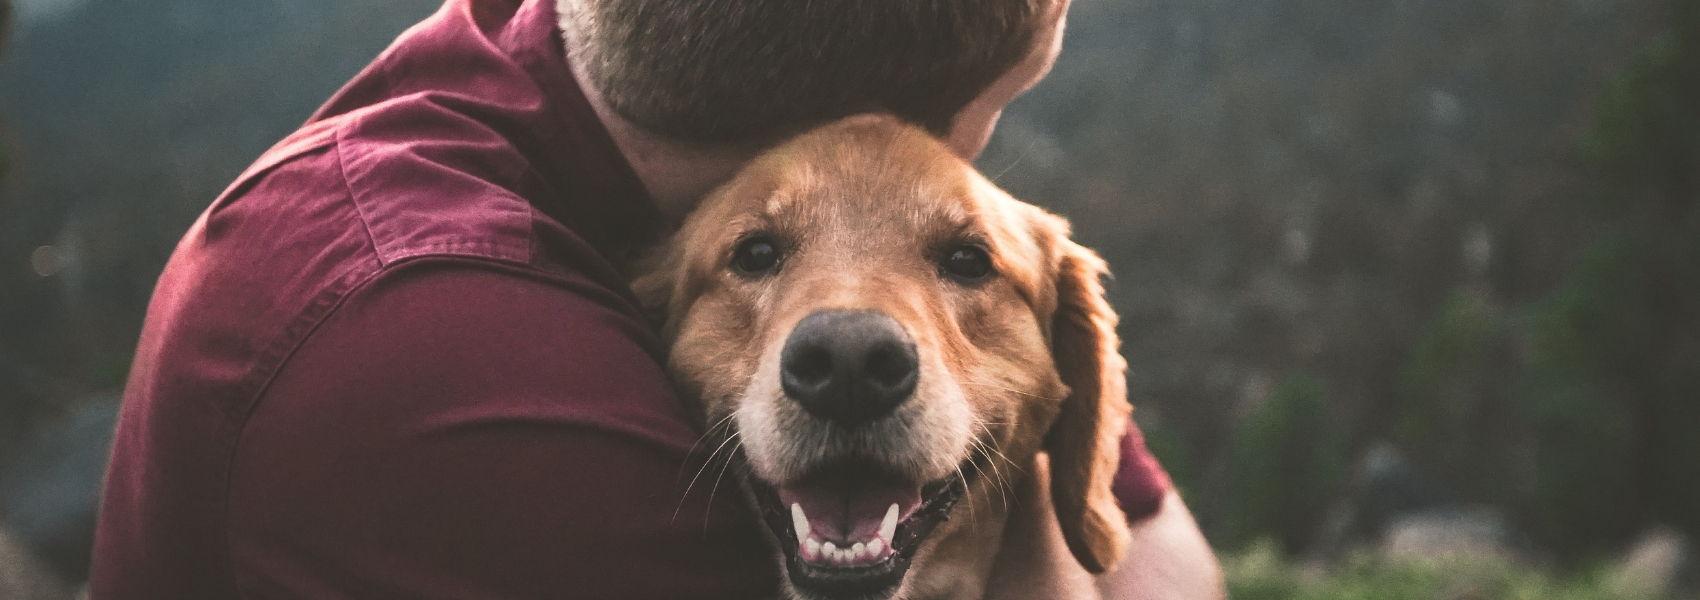 animais ajudam na luta contra o cancro